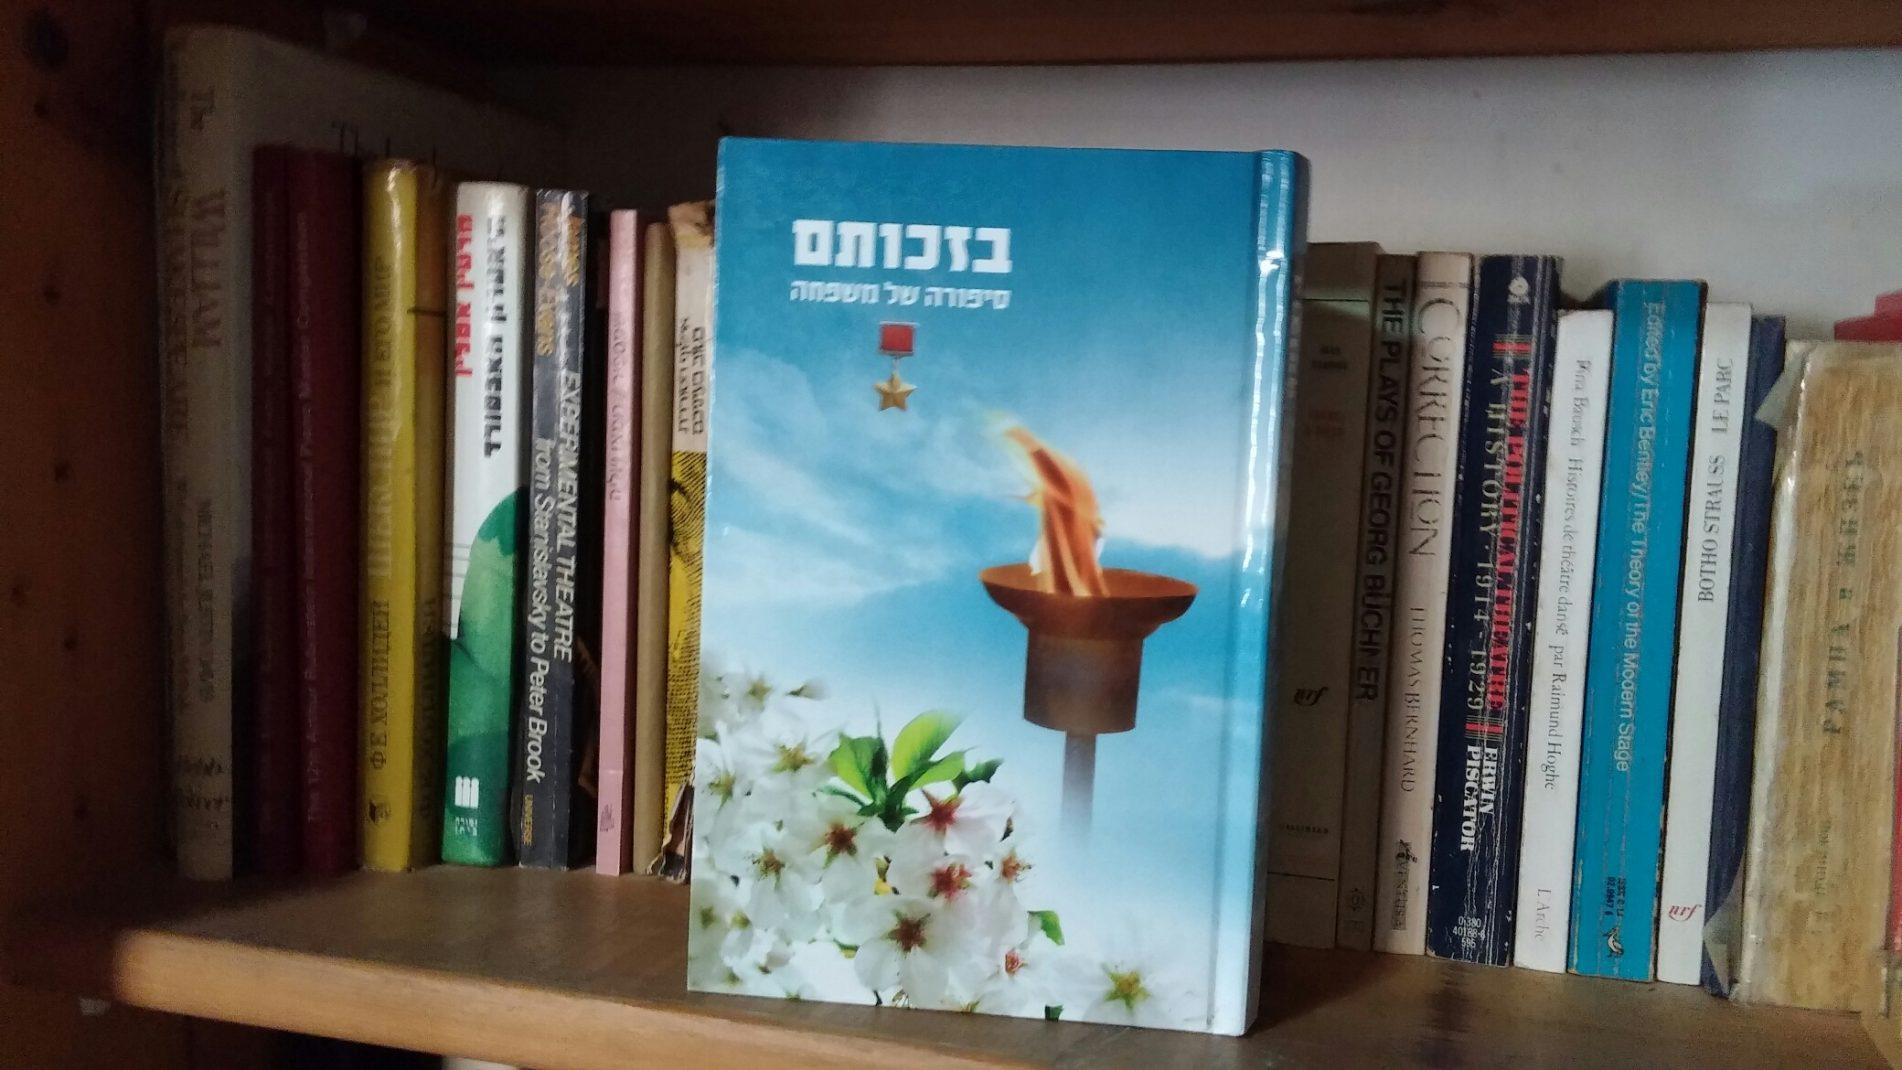 בזכותם - סיפורה של משפחה. ספר של משפחת פלזנשטיין לזכר טמה וירחמיאל פלזנשטיין